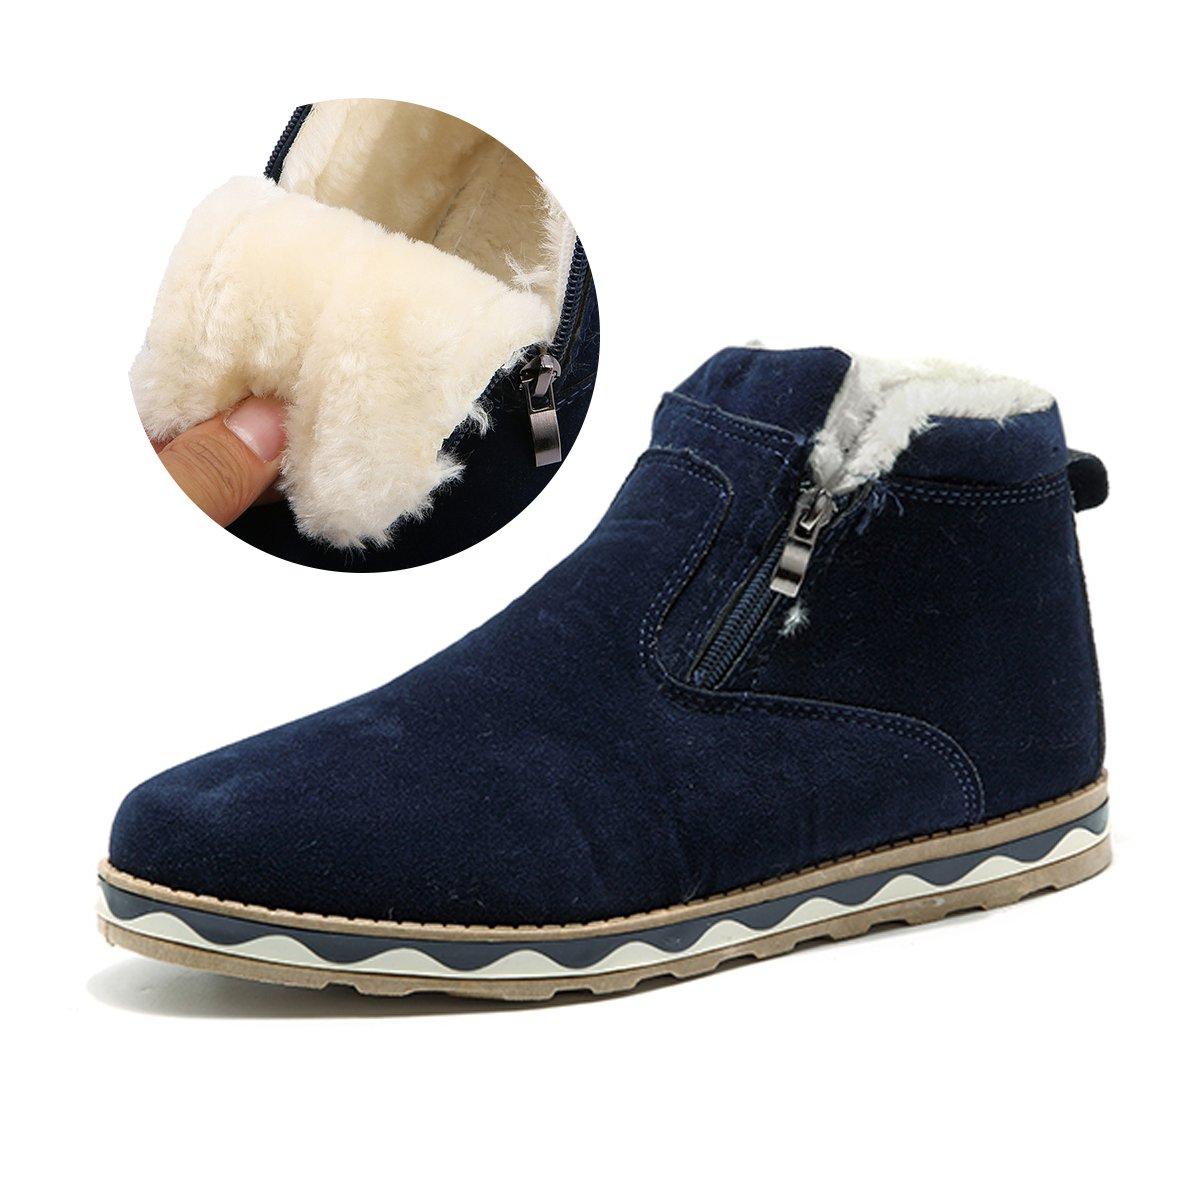 gracosy Men's Boots, British Style Suede Flat Platform Shoes Plus Velvet Winter Male Lace Up Cotton Snow Boots Blue 10 D(M) US